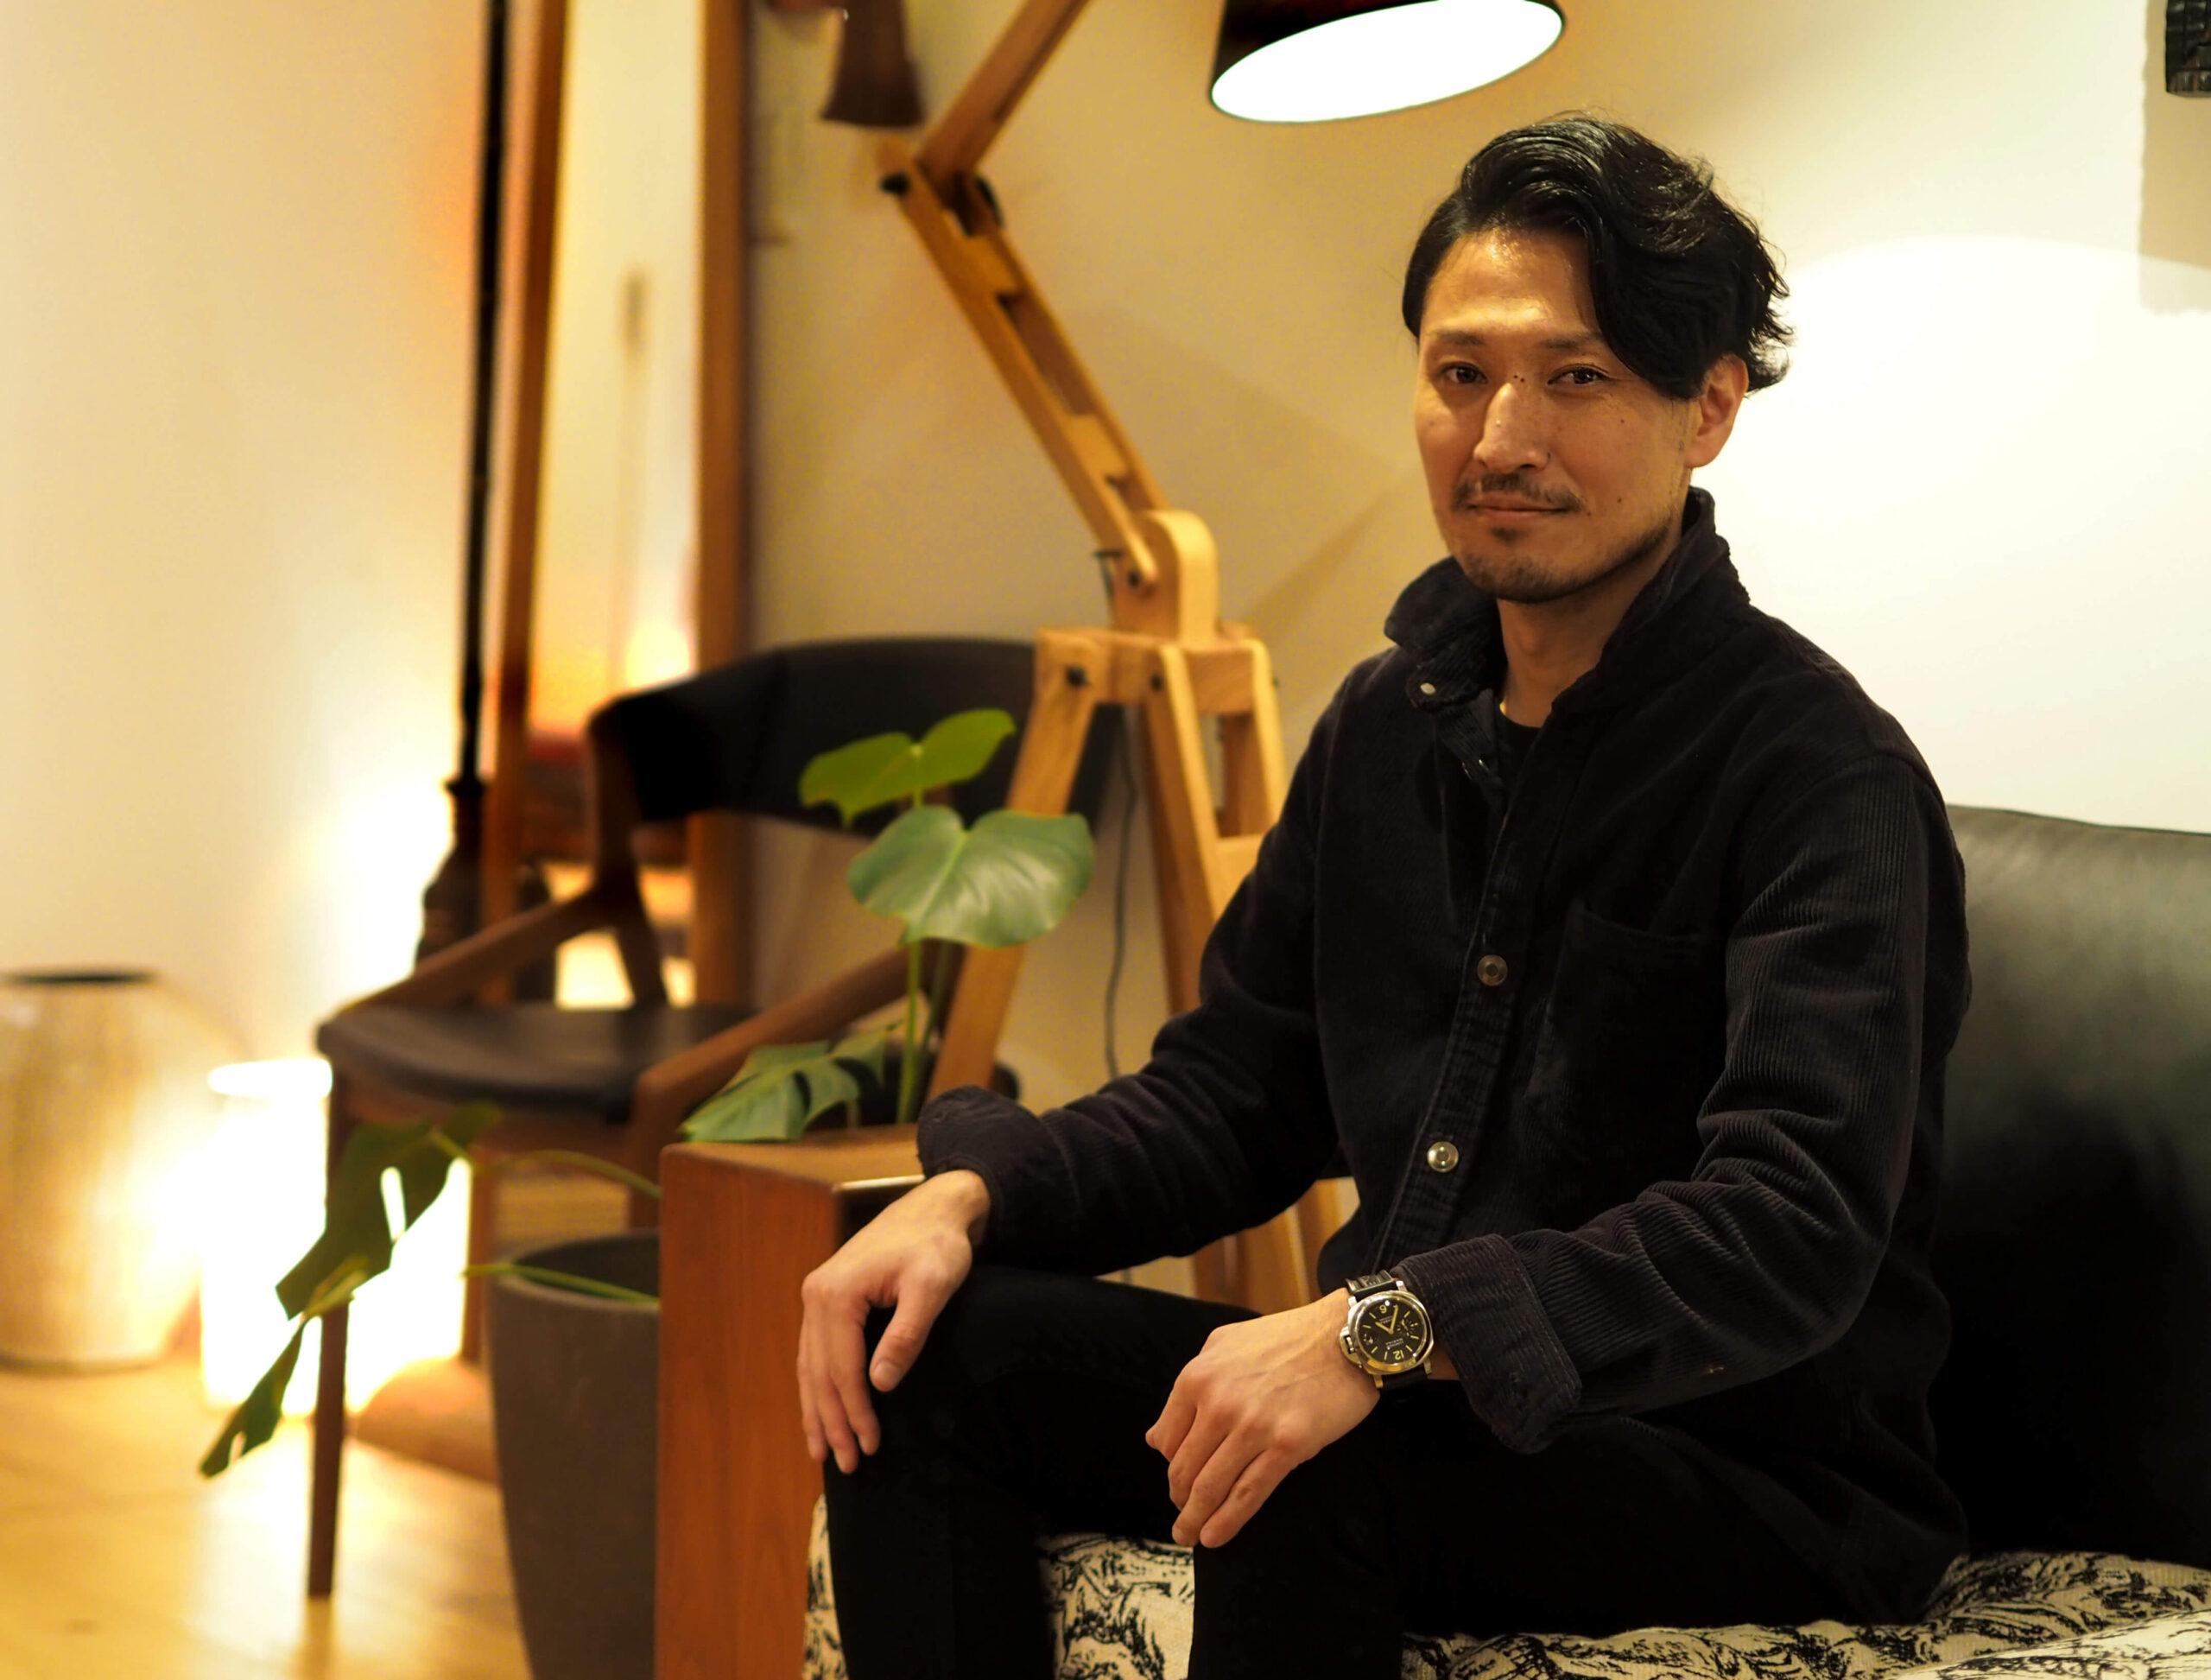 松井産業株式会社 常務取締役 久保祐輔さん